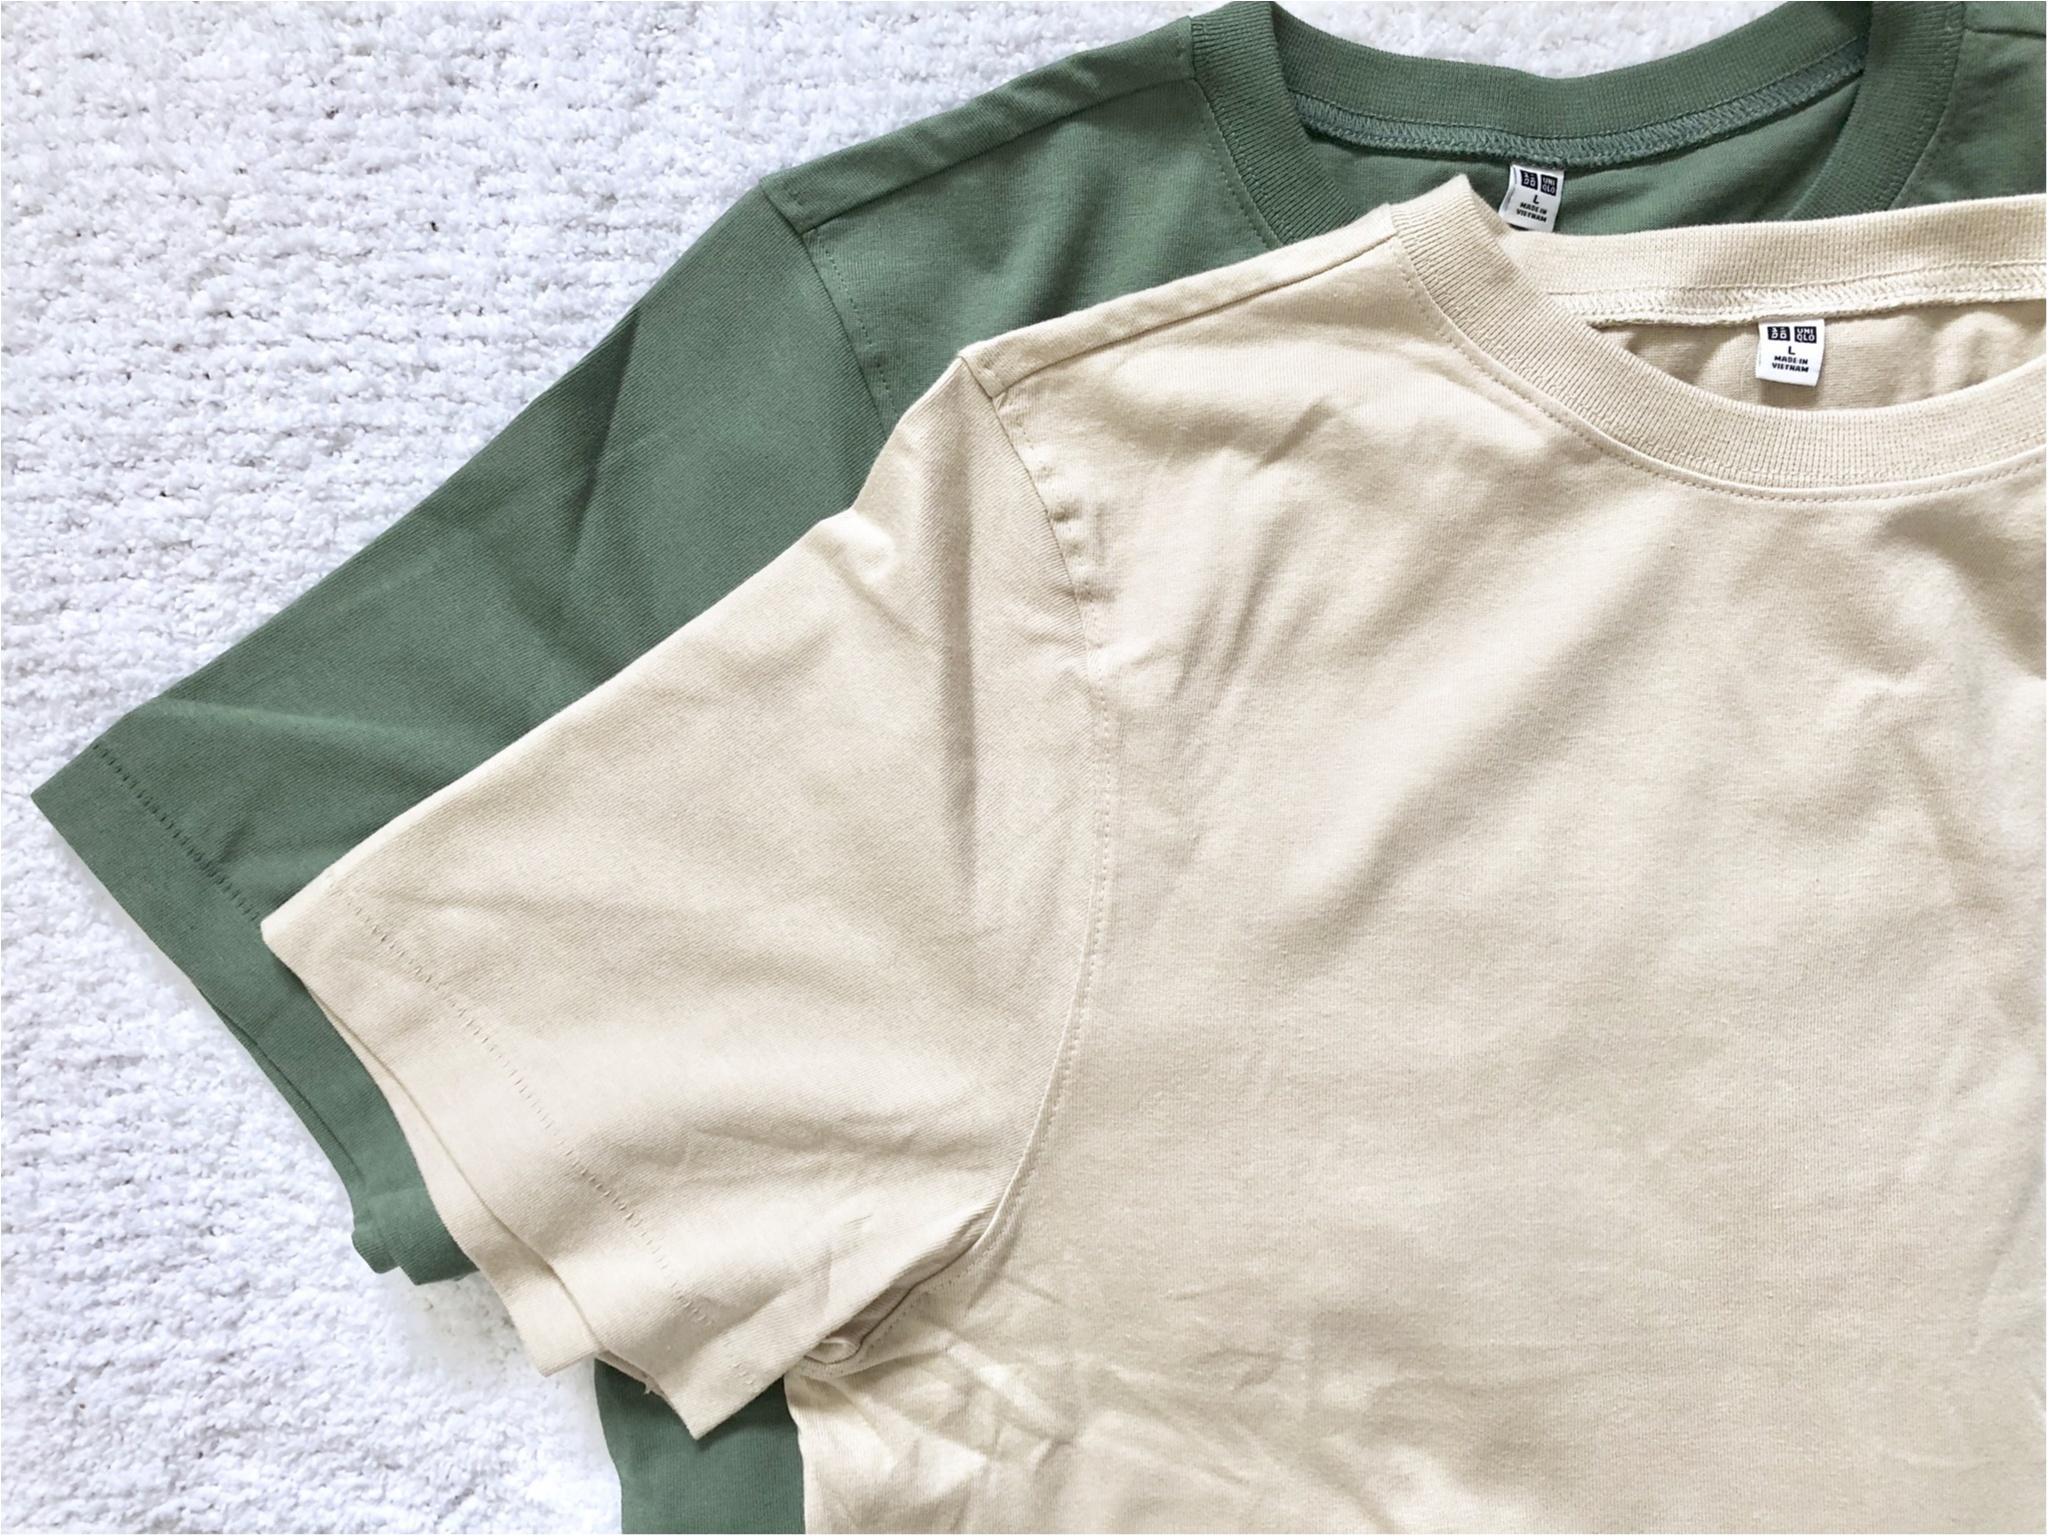 【UNIQLO】お洒落さんがこぞって買っている《話題のTシャツ》を2色買い❤️7/5までならお買い得なので急げっ!_2